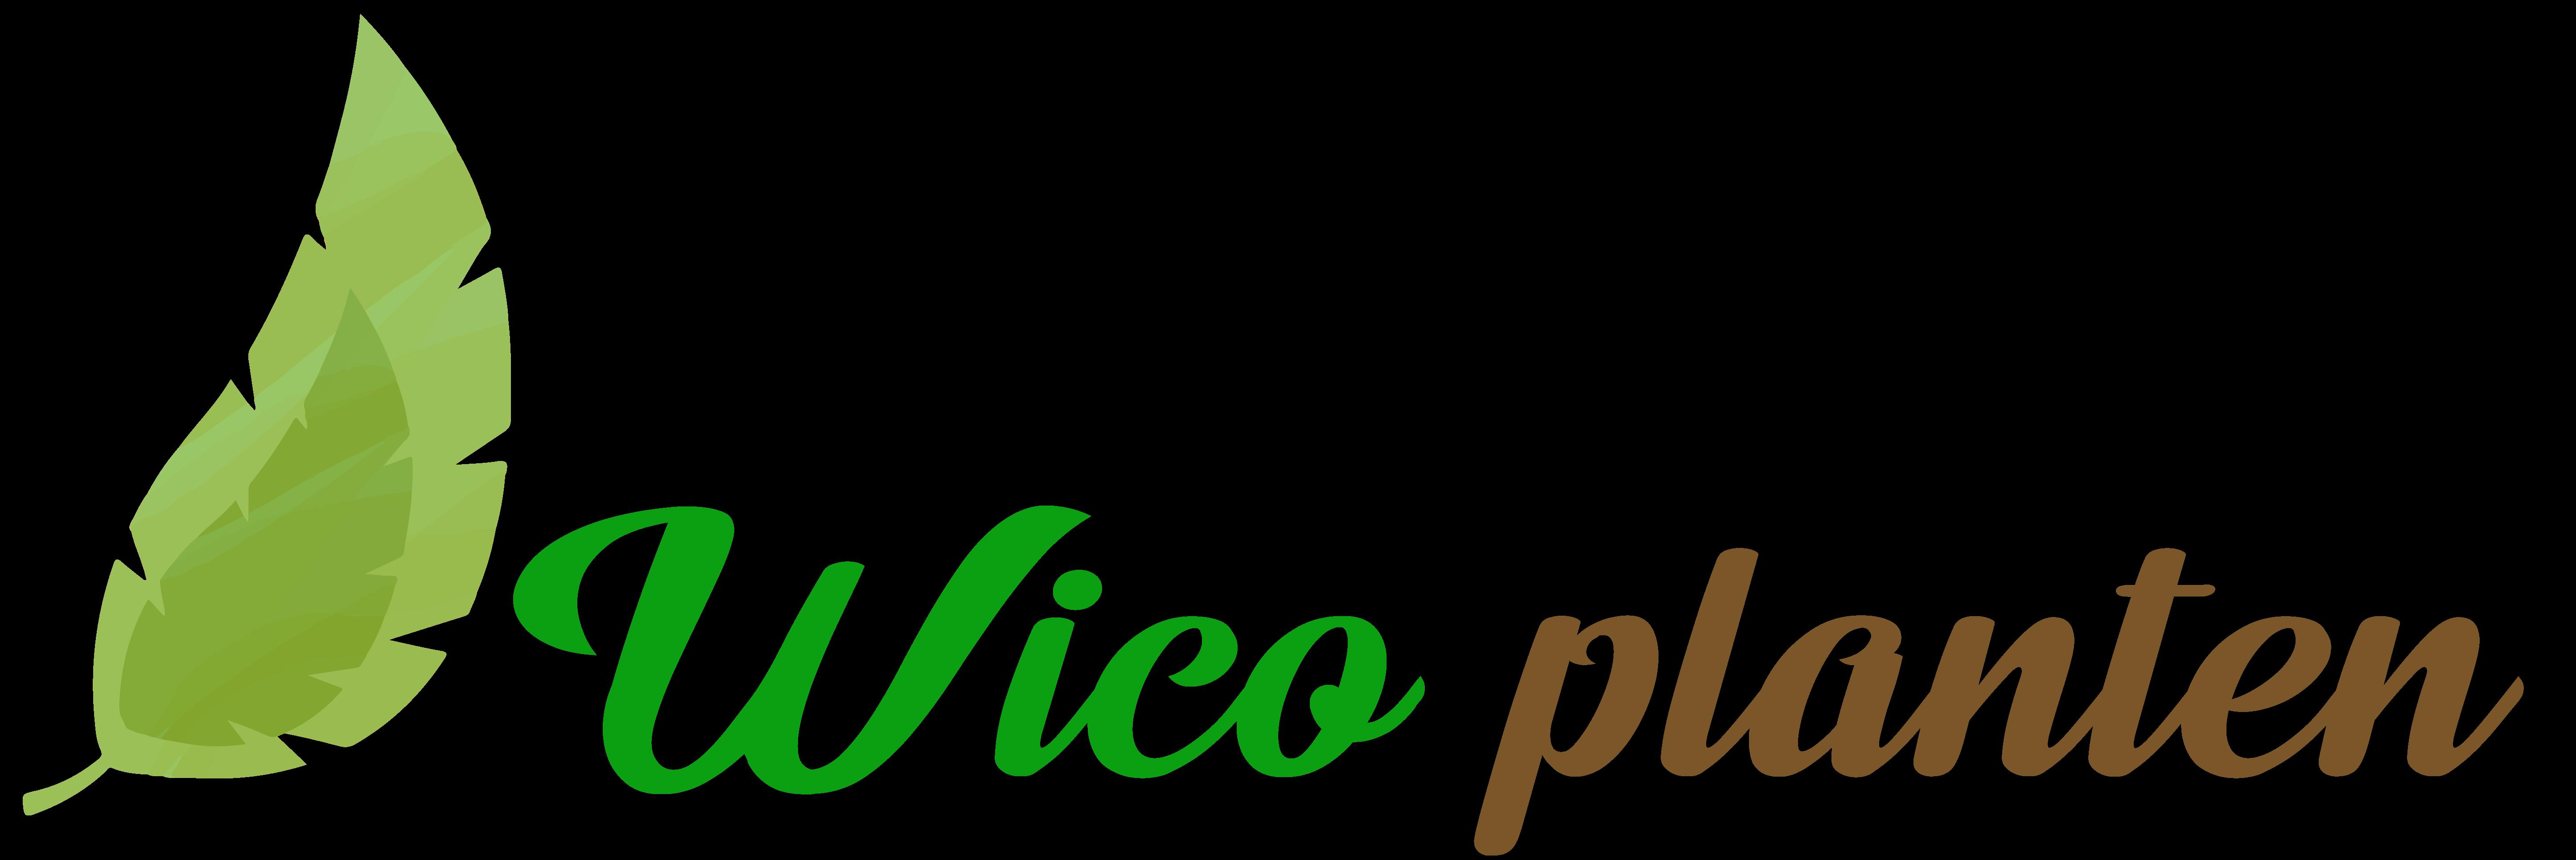 WicoPlanten